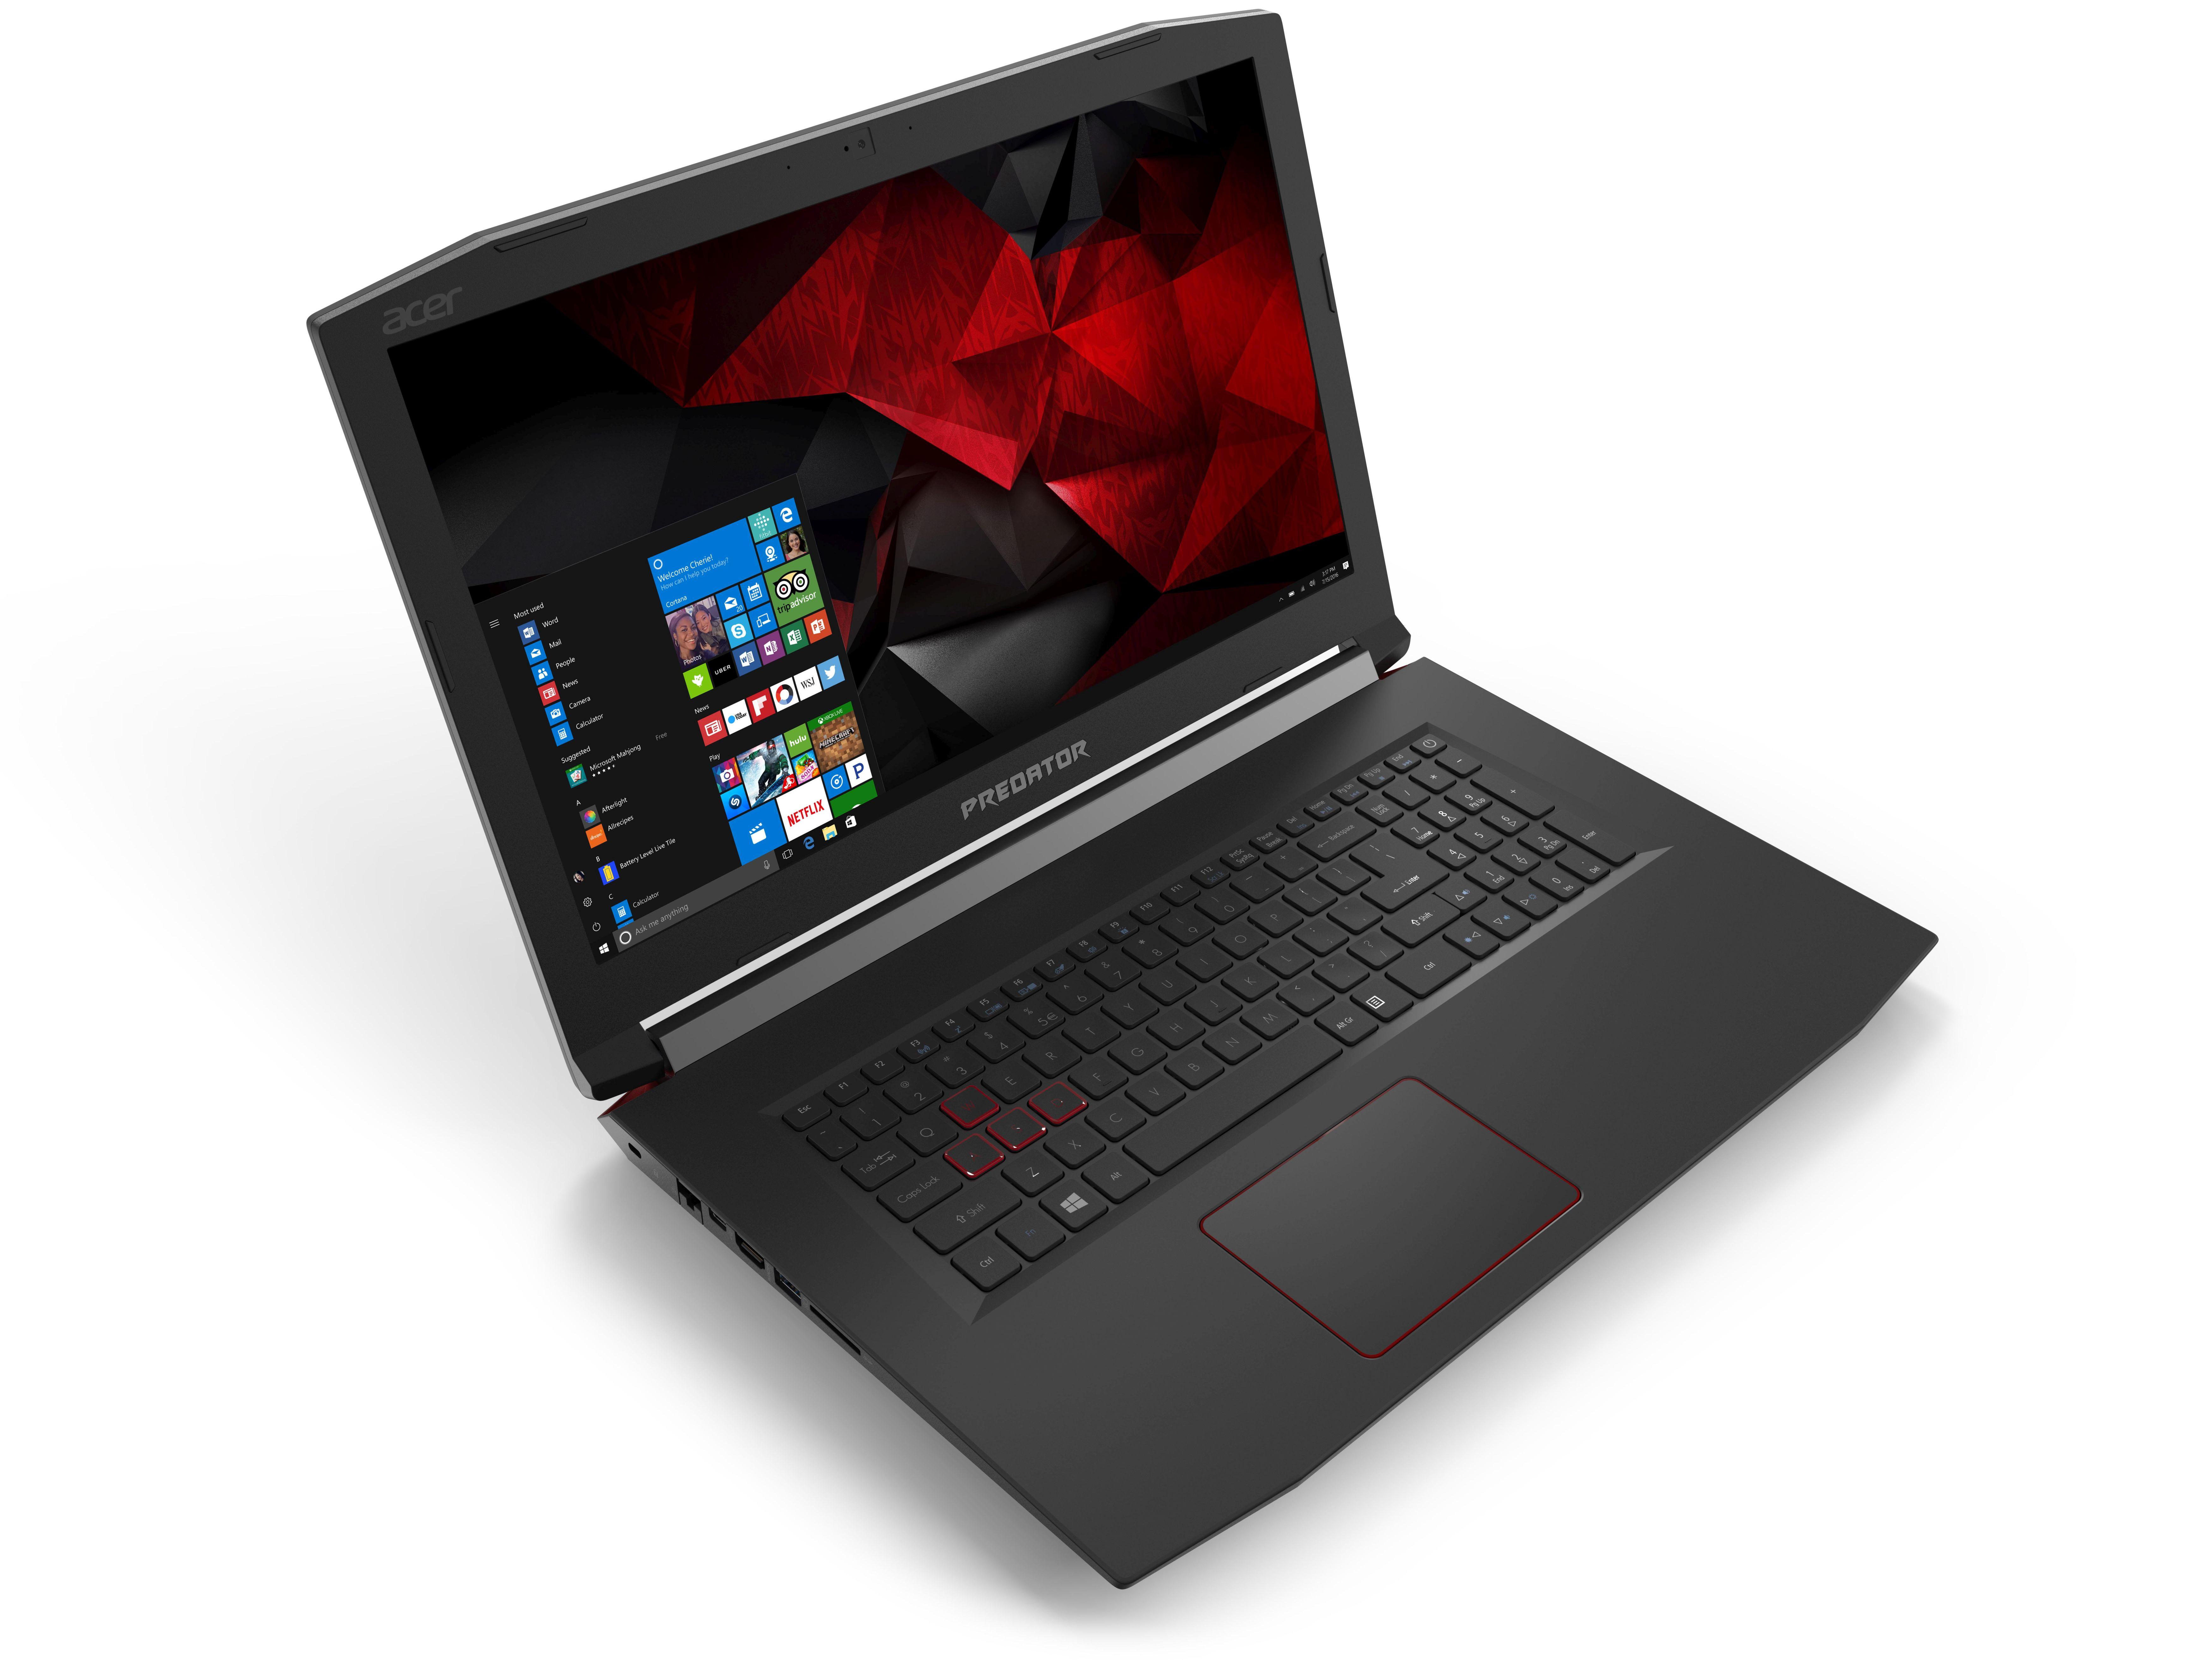 Acer laiendab oma mängimiseks mõeldud sülearvutite sarja võimsa mudeliga Predator Helios 300